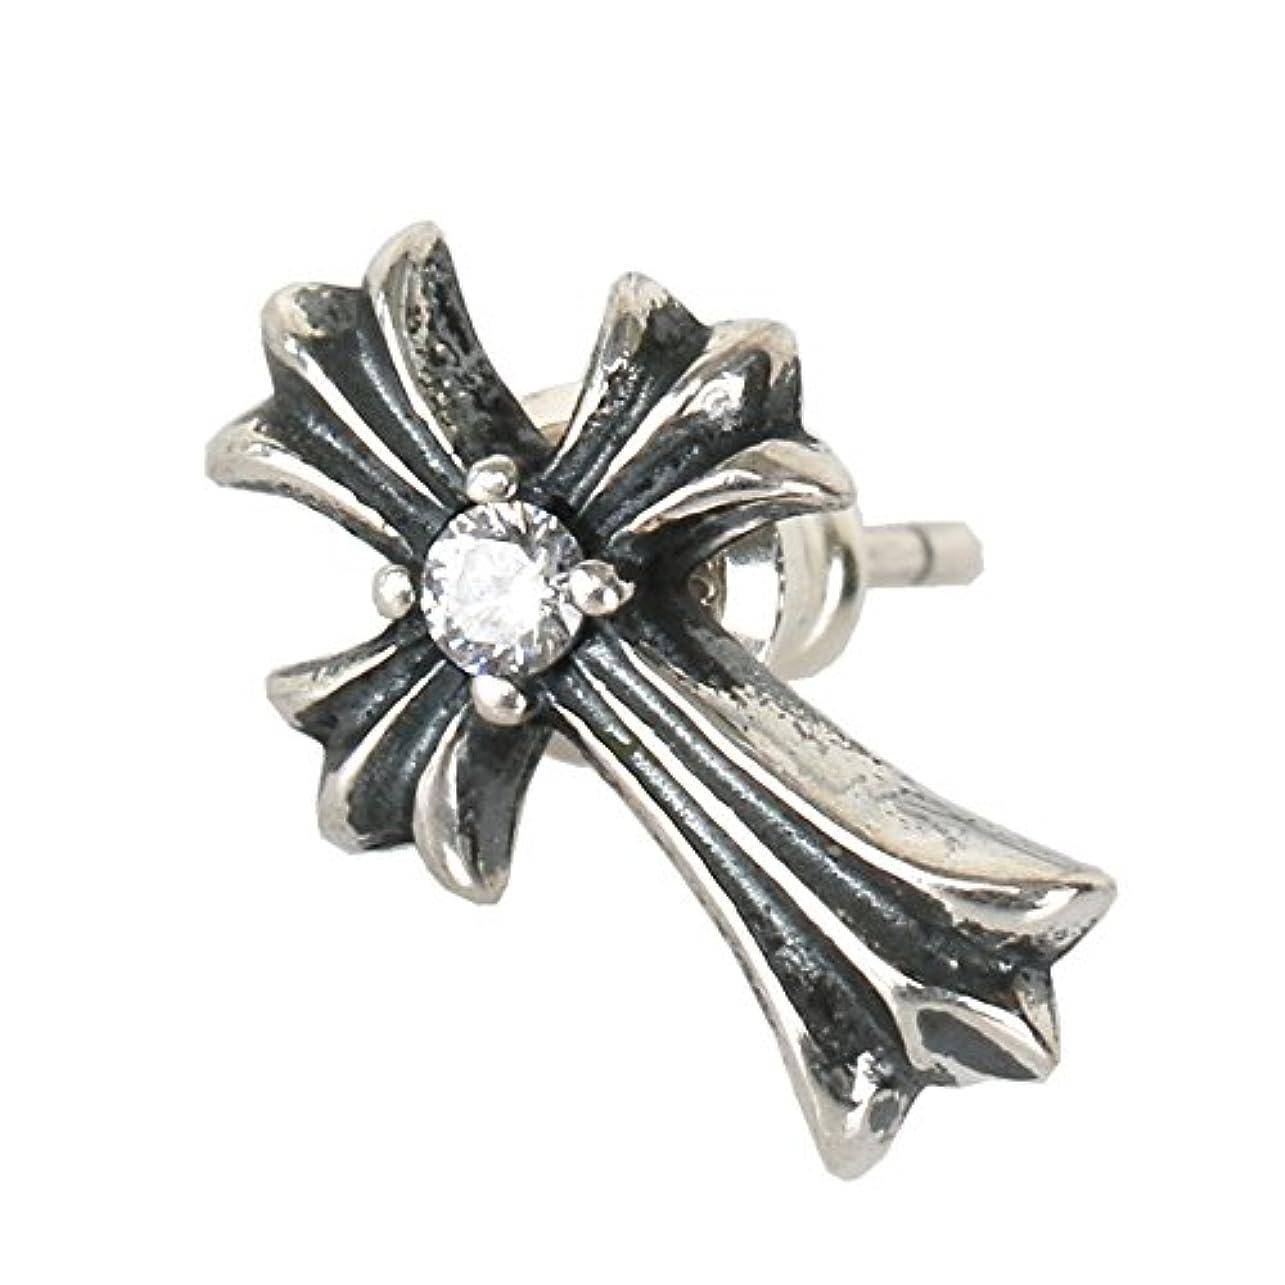 休憩するれる規範「silverKYASYA」シルバー925素材 クロスピアス スタッドピアス 925 ジルコニア 一粒 CZ 十字架 ピアス メンズ レデース 片耳